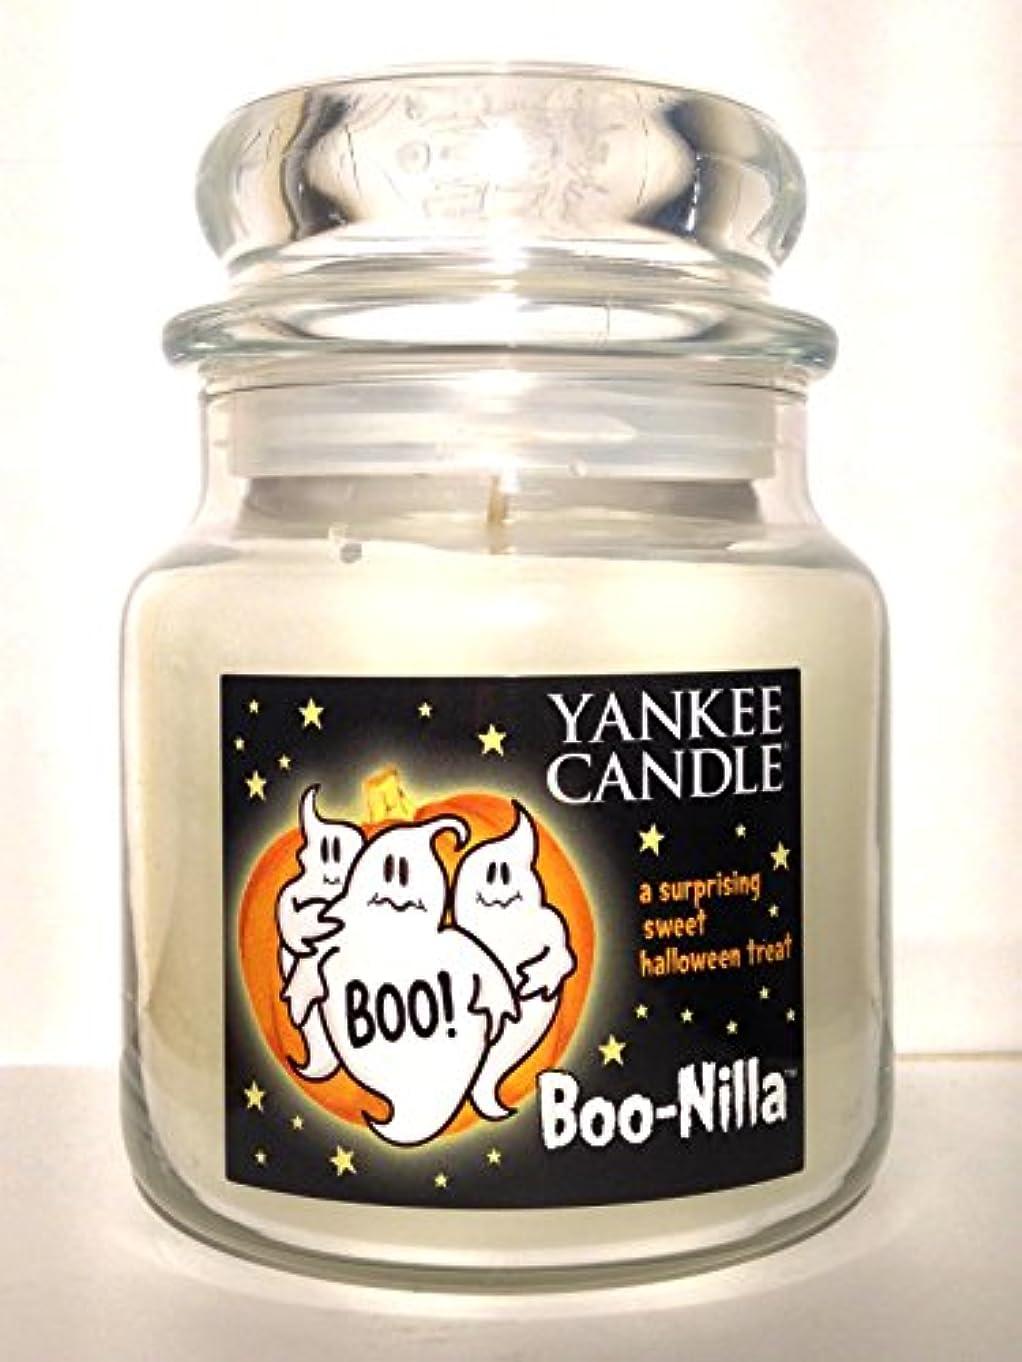 アラート全国ハウジングYankee Candle boo-nilla Boonilla Vanilla Marshmallow香りHalloween Candle